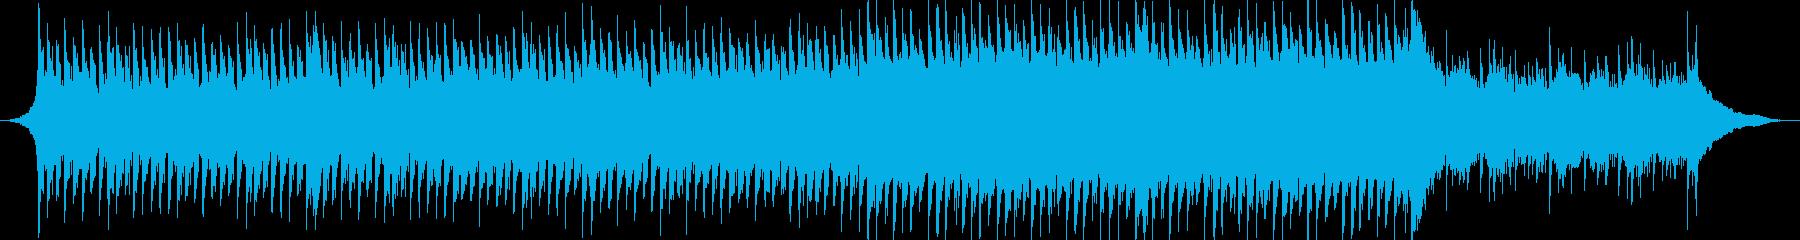 企業VP系55、爽やかピアノ&ギターbの再生済みの波形